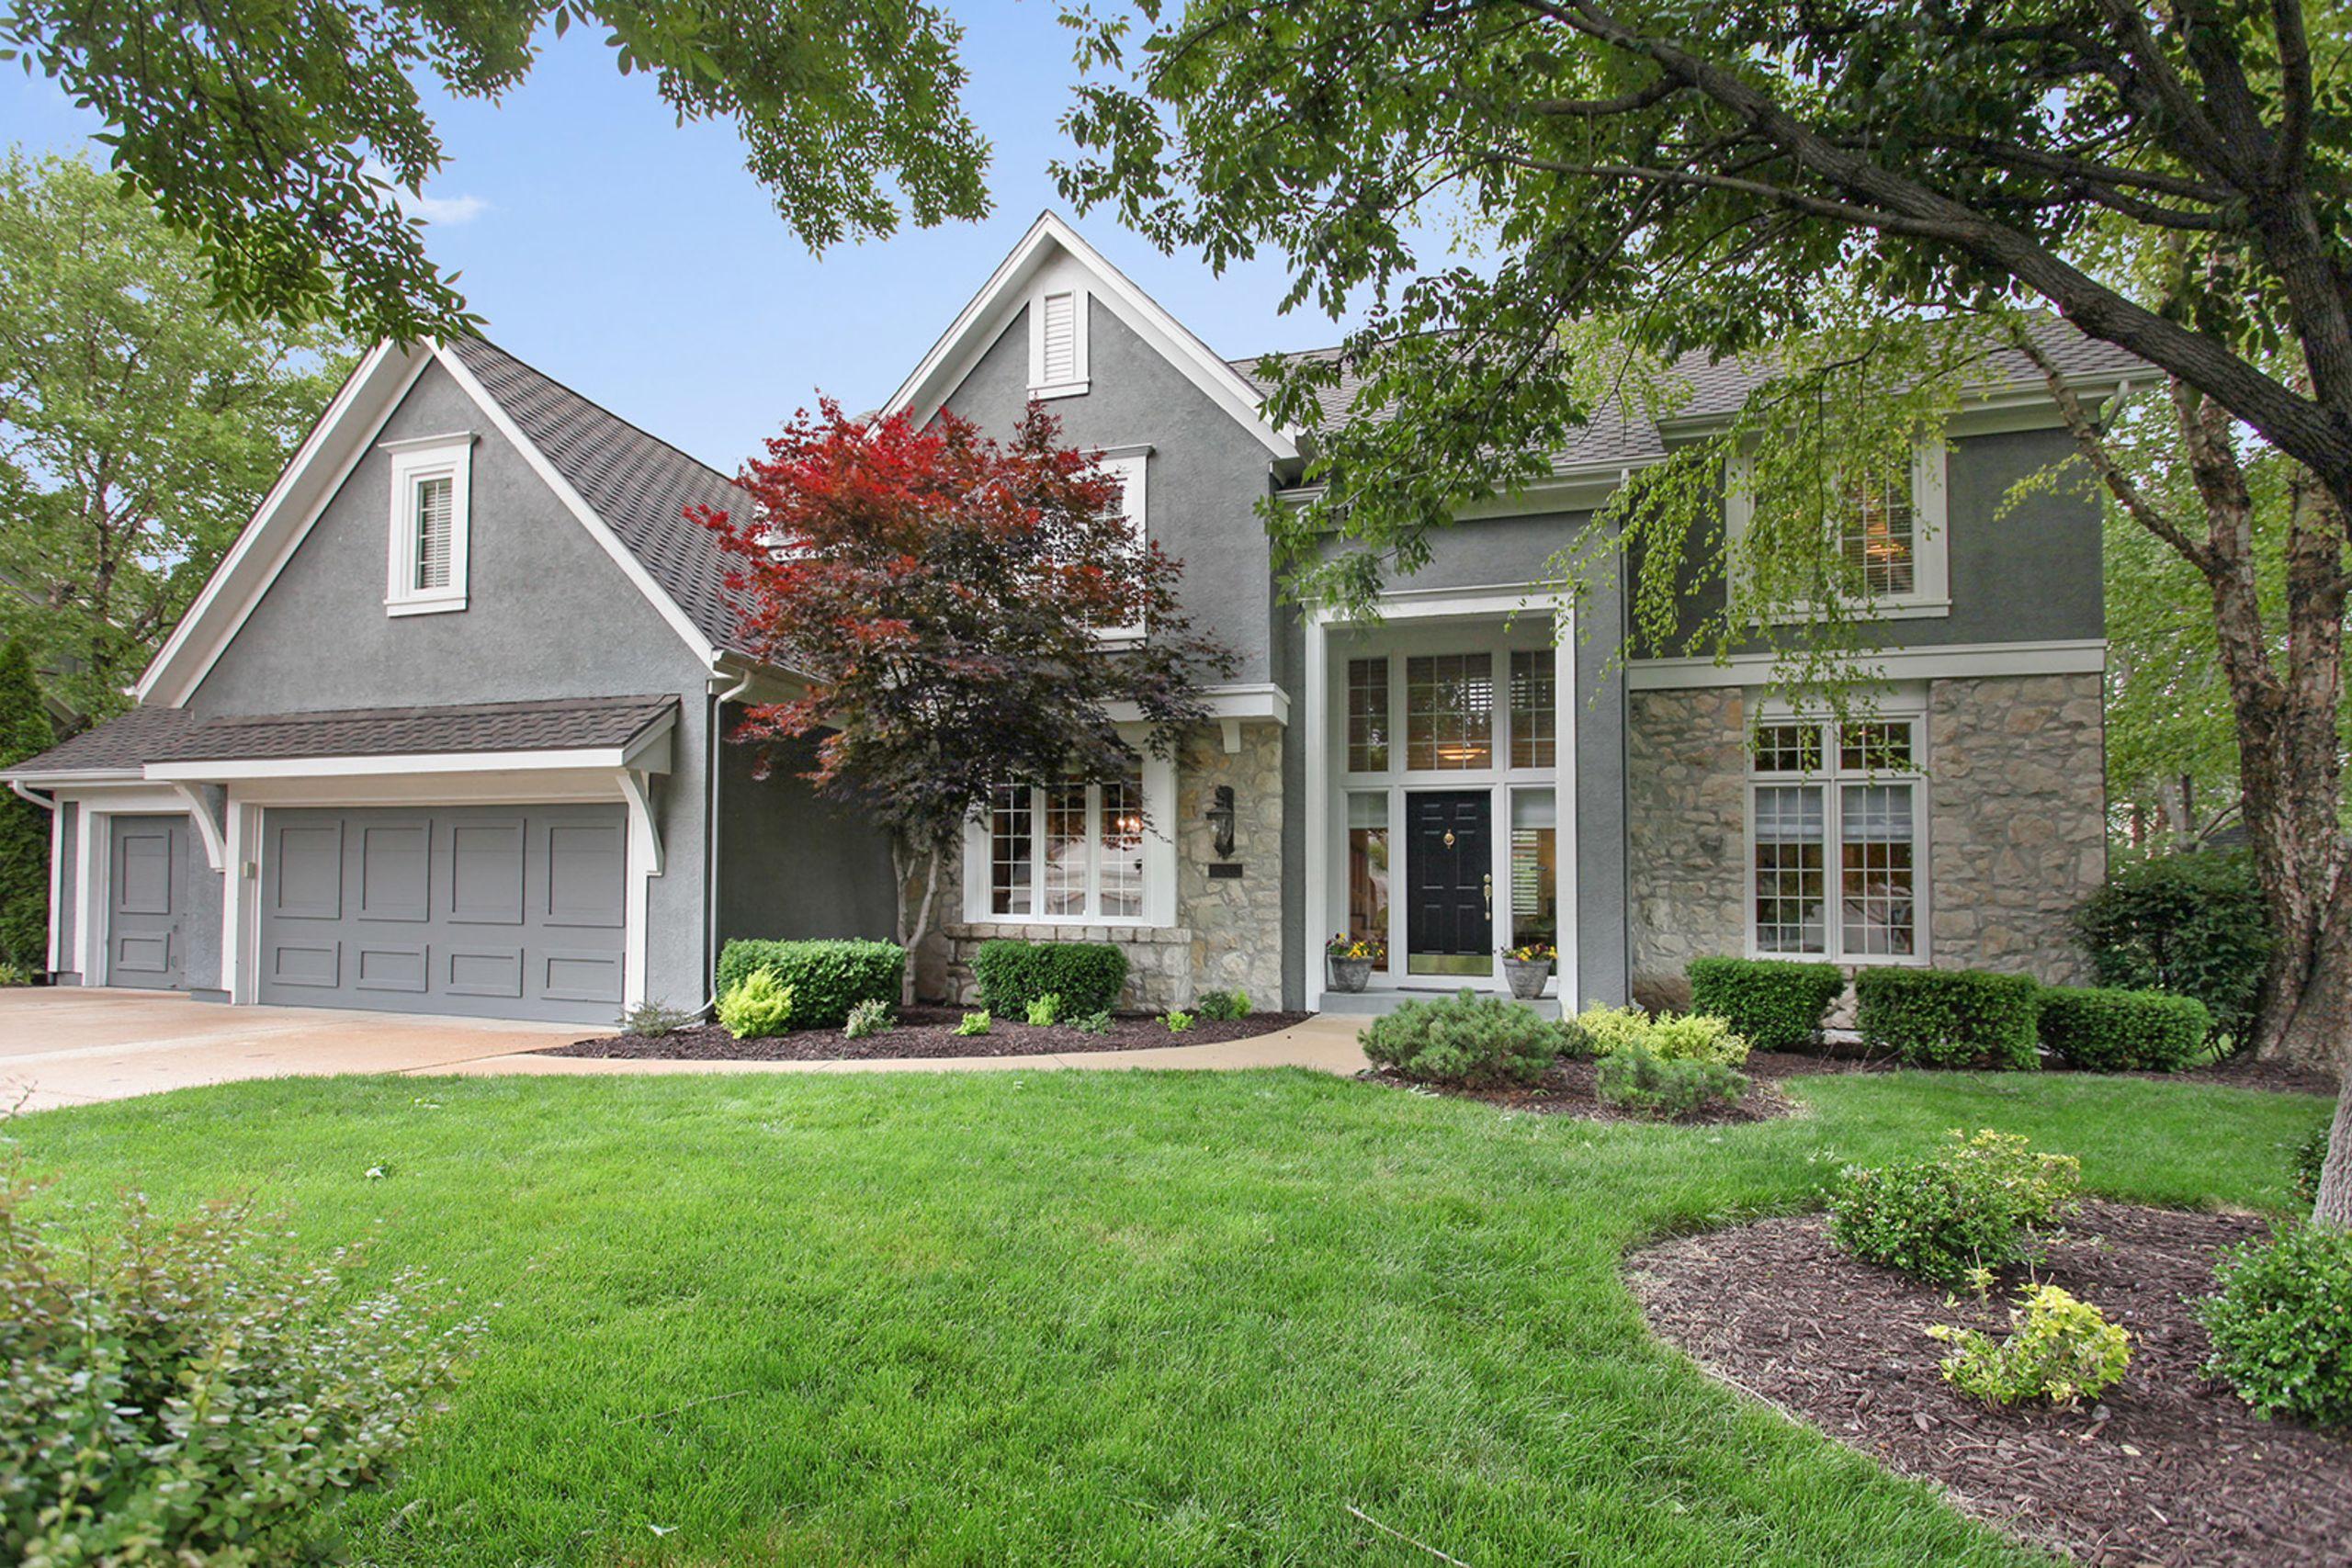 Team Ohlde | Real Estate Services in Overland Park Kansas